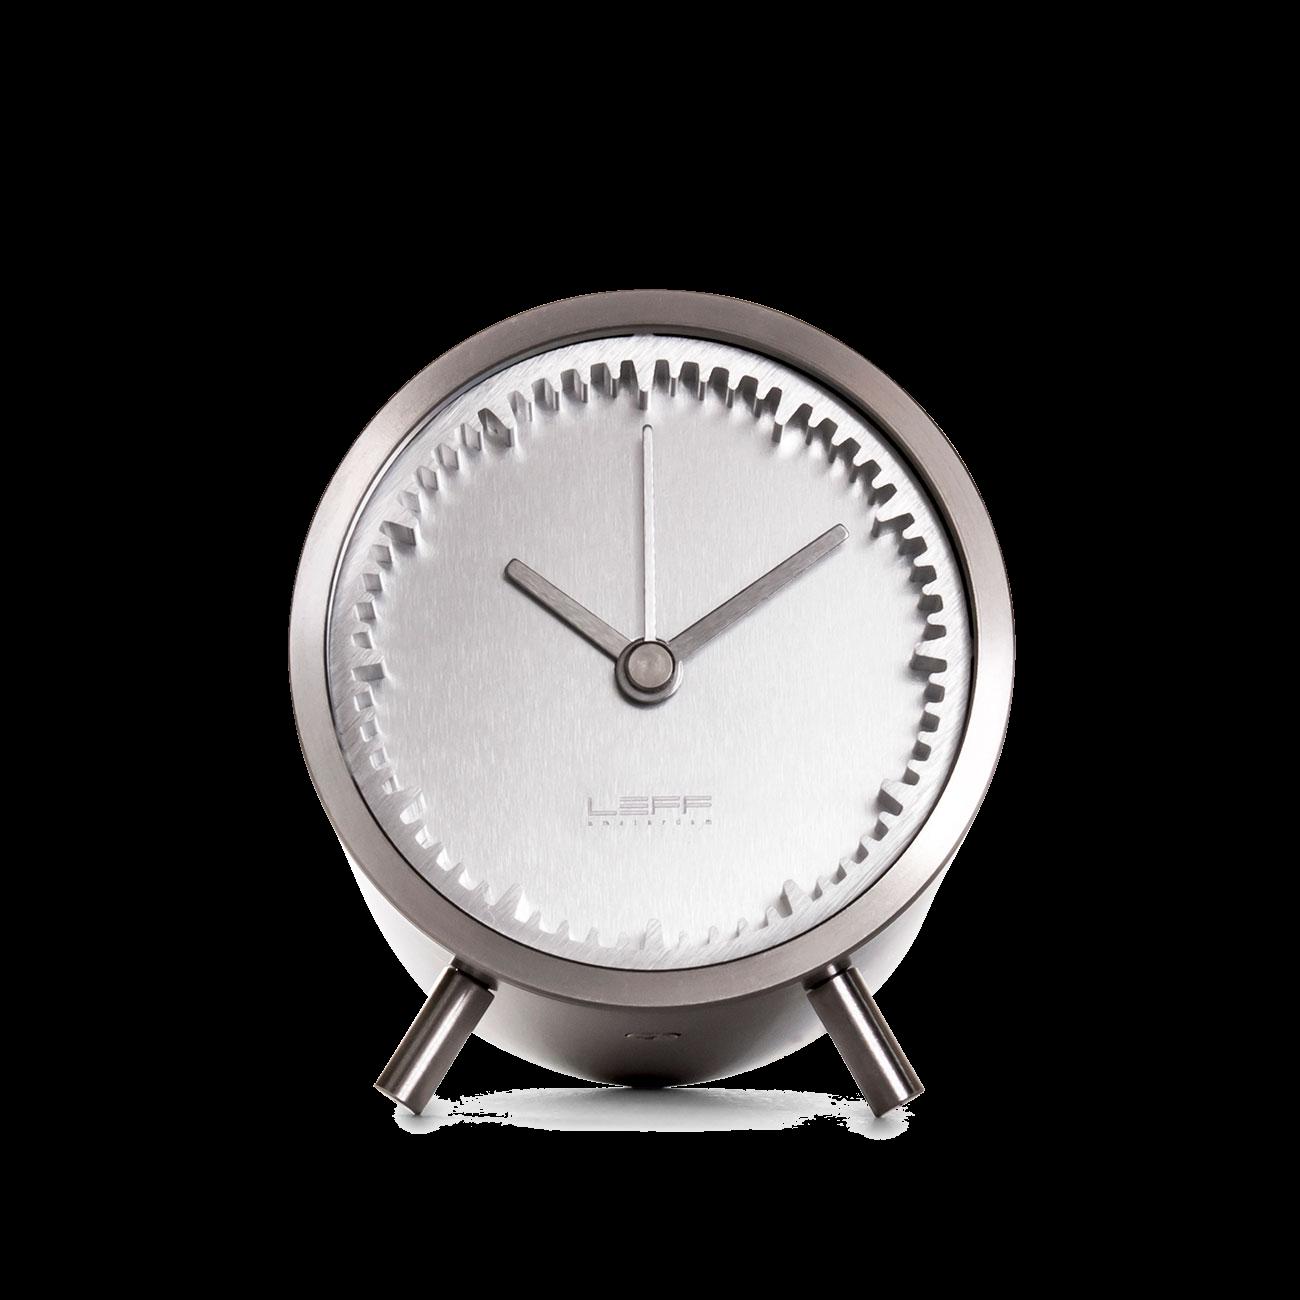 Leff Amsterdam & Piet Hein Eek's Tube Clock, Stainless Steel-0